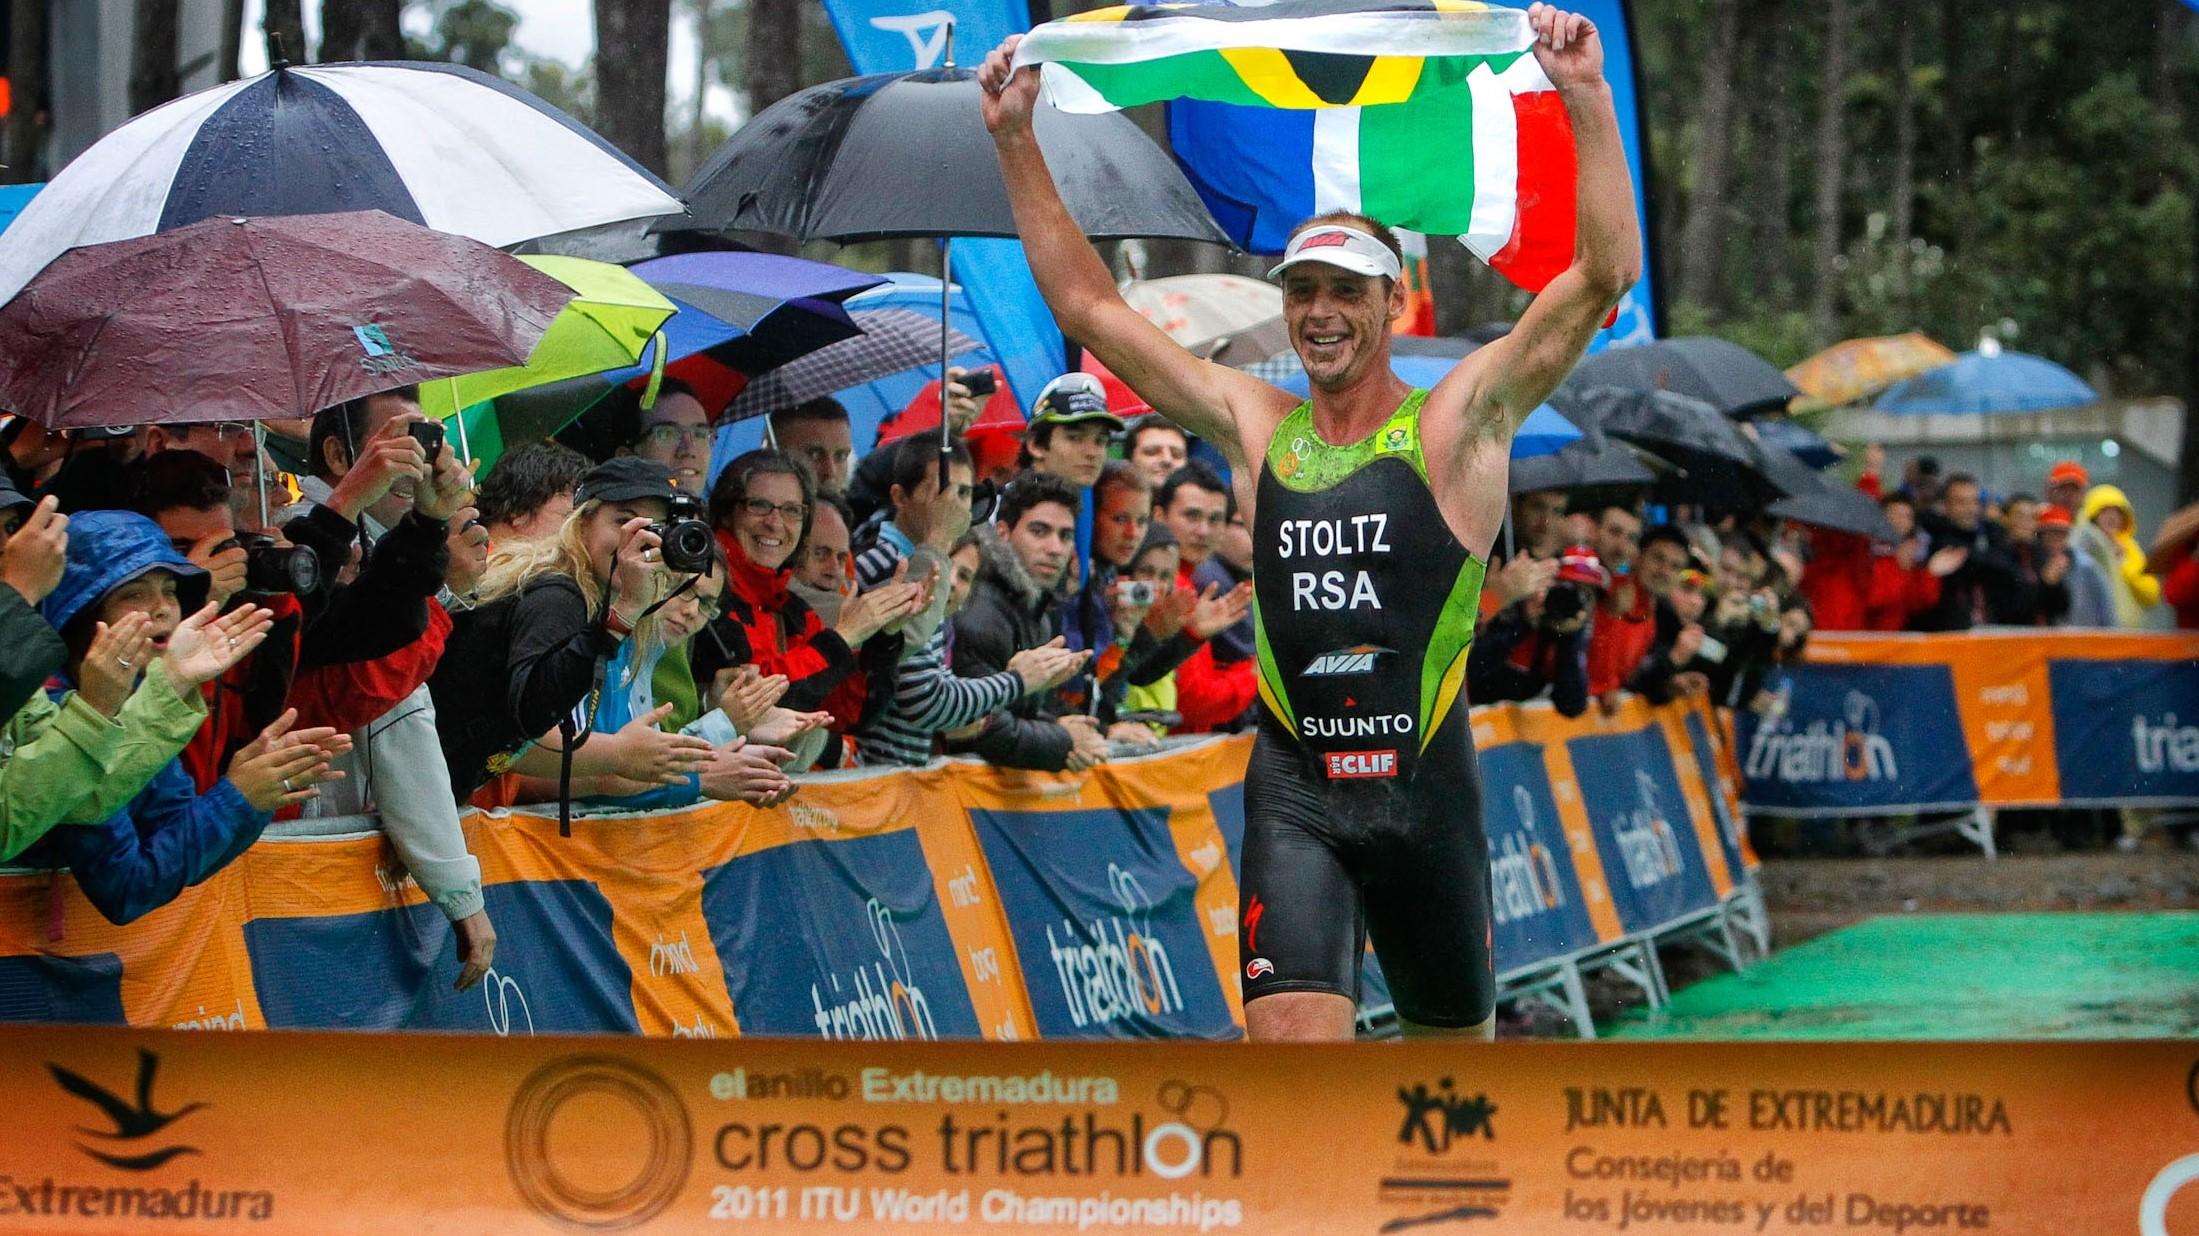 El Anillo de Extremadura acogerá el Campeonato del Mundo de Triatlón Cros en octubre